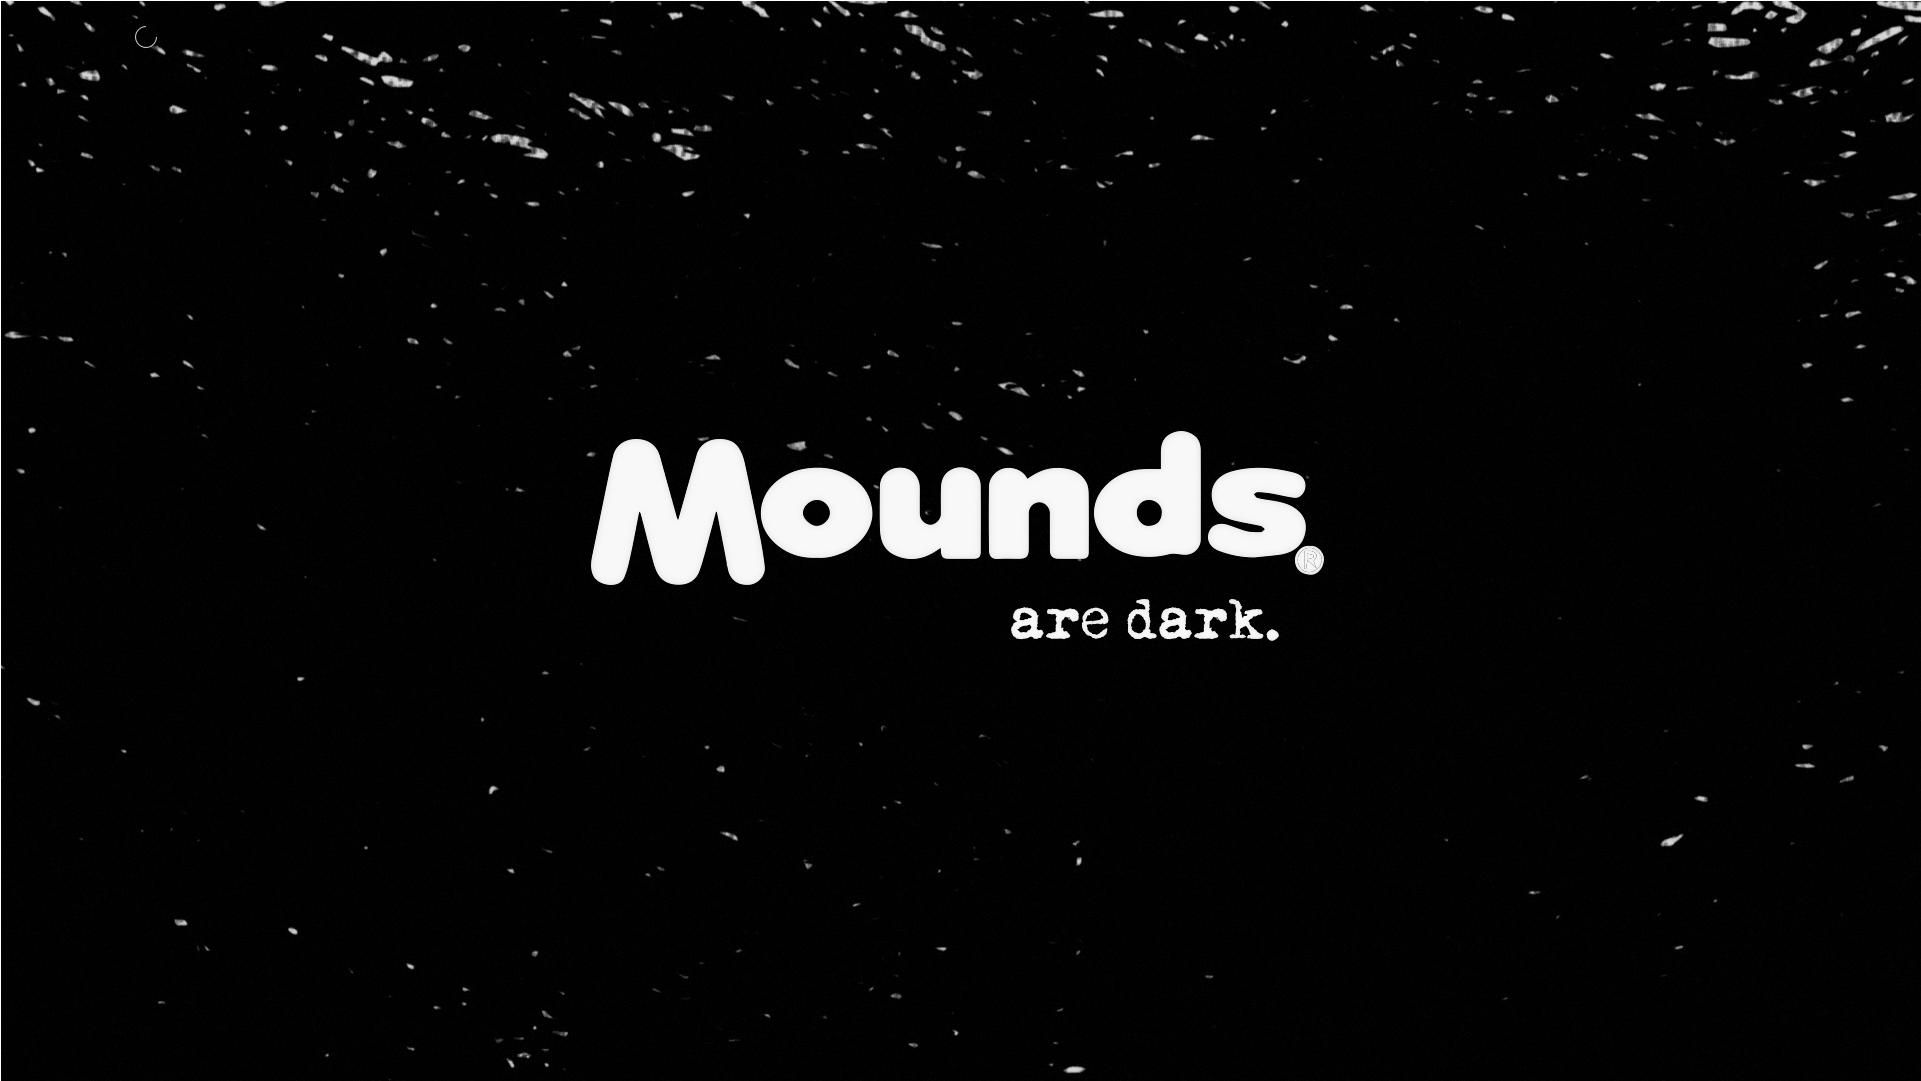 MoundsChildrensBook-13.png